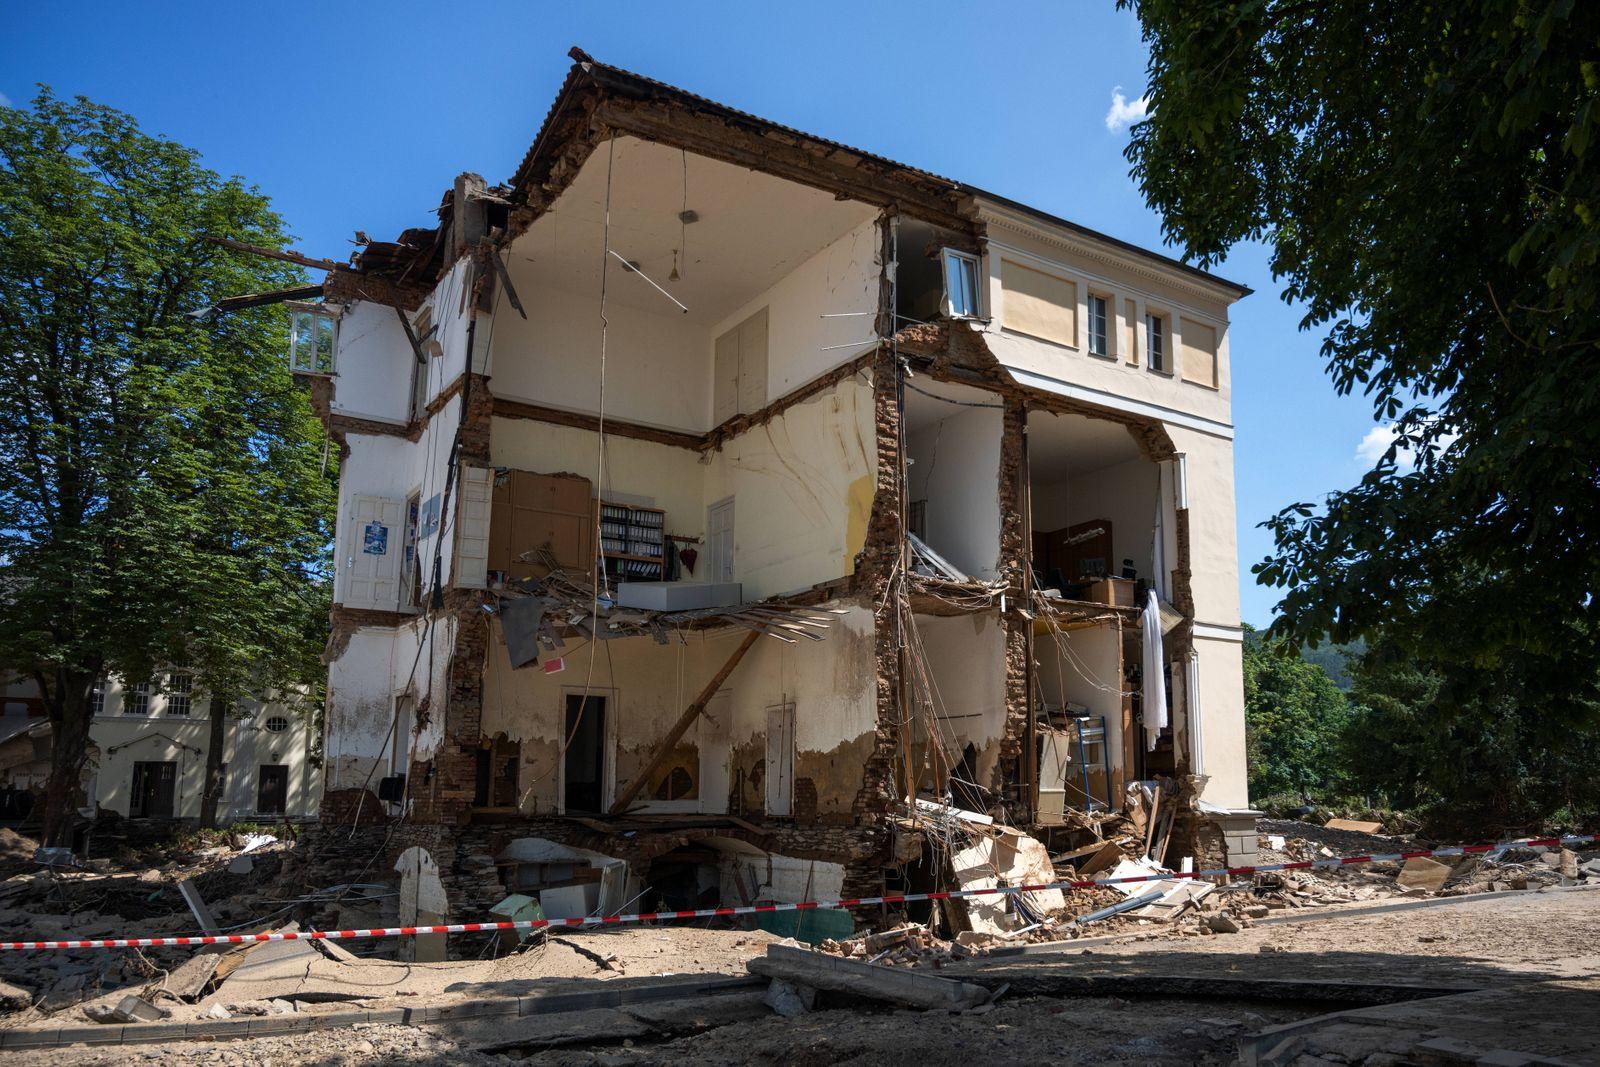 Ein von den Fluten zerstörtes, nicht mehr bewohnbares Haus. Mauern, Wände und teilweise die Böden wurden von den Wasser